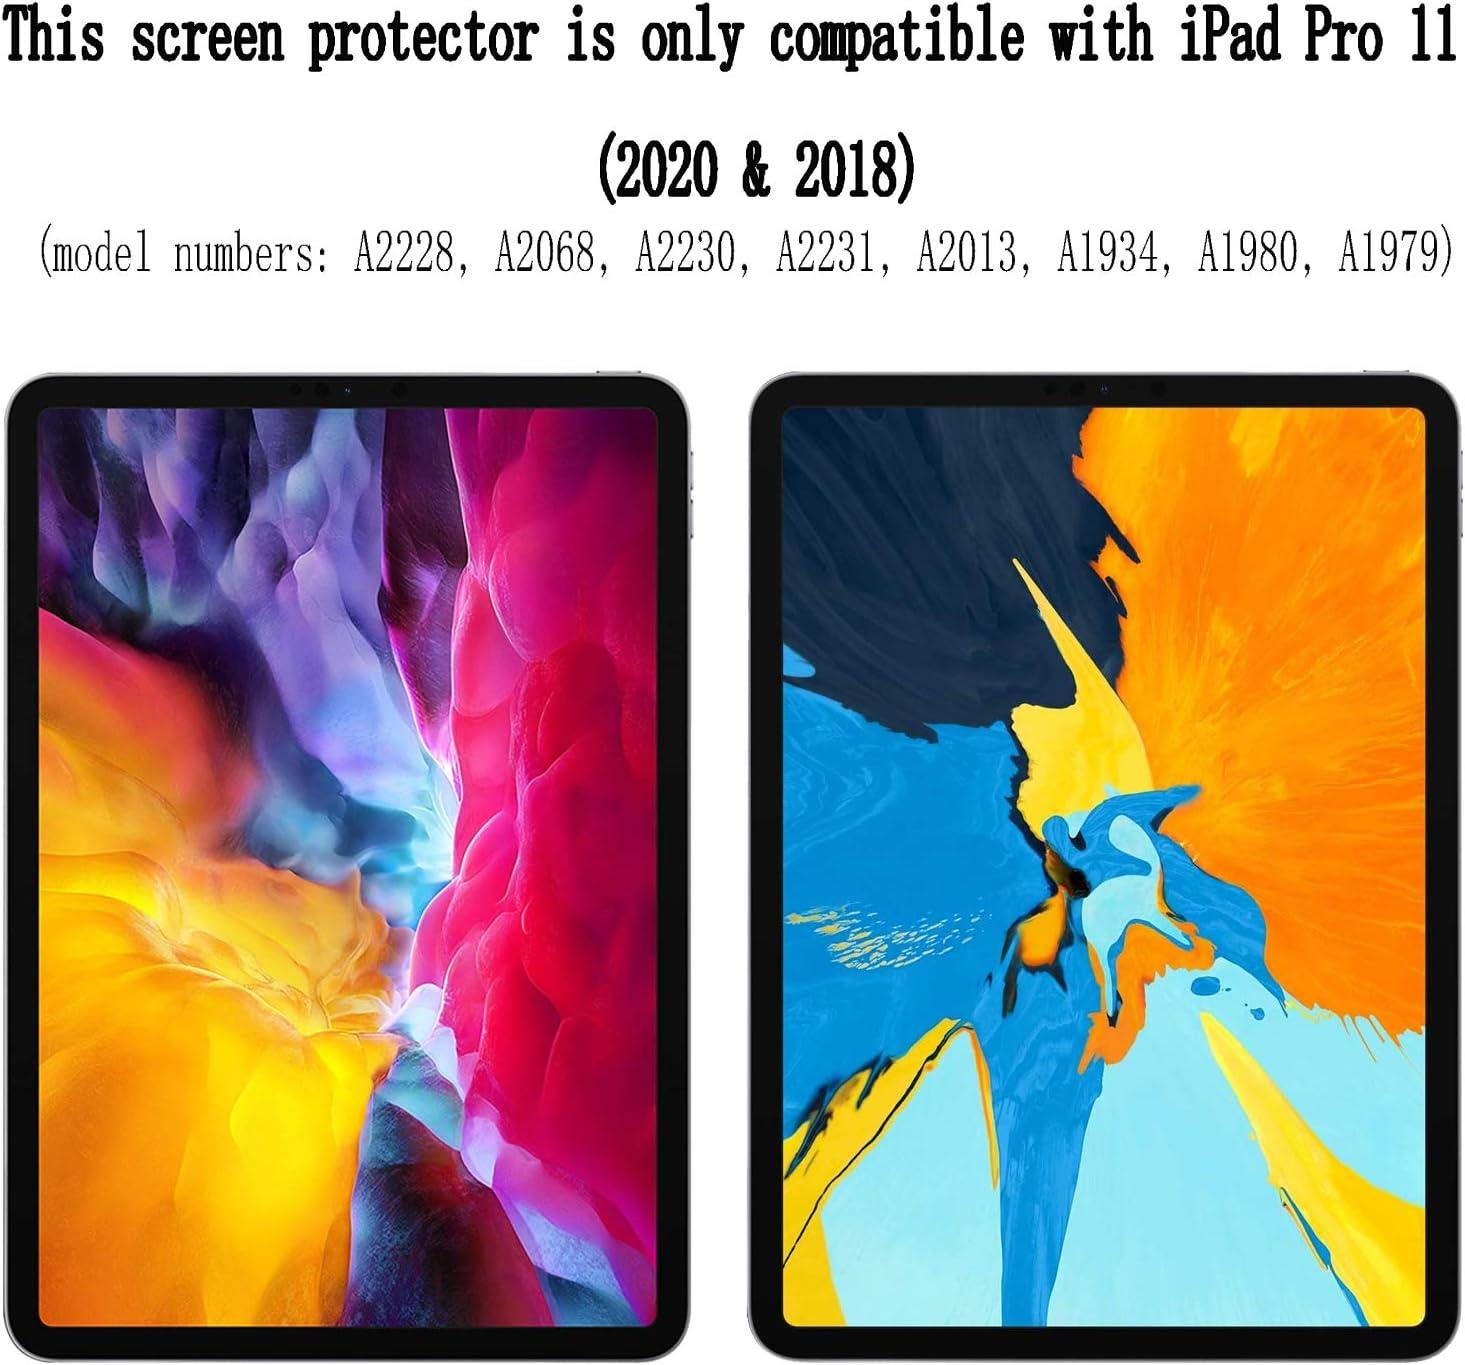 2 Pezzi Vetro Temperato Premium 9H Protezione Scratch Resistente per Apple iPad Pro 11 2018 /& 2020 JHTC Pellicola Protettiva per Apple iPad Pro 11 2018 /& 2020